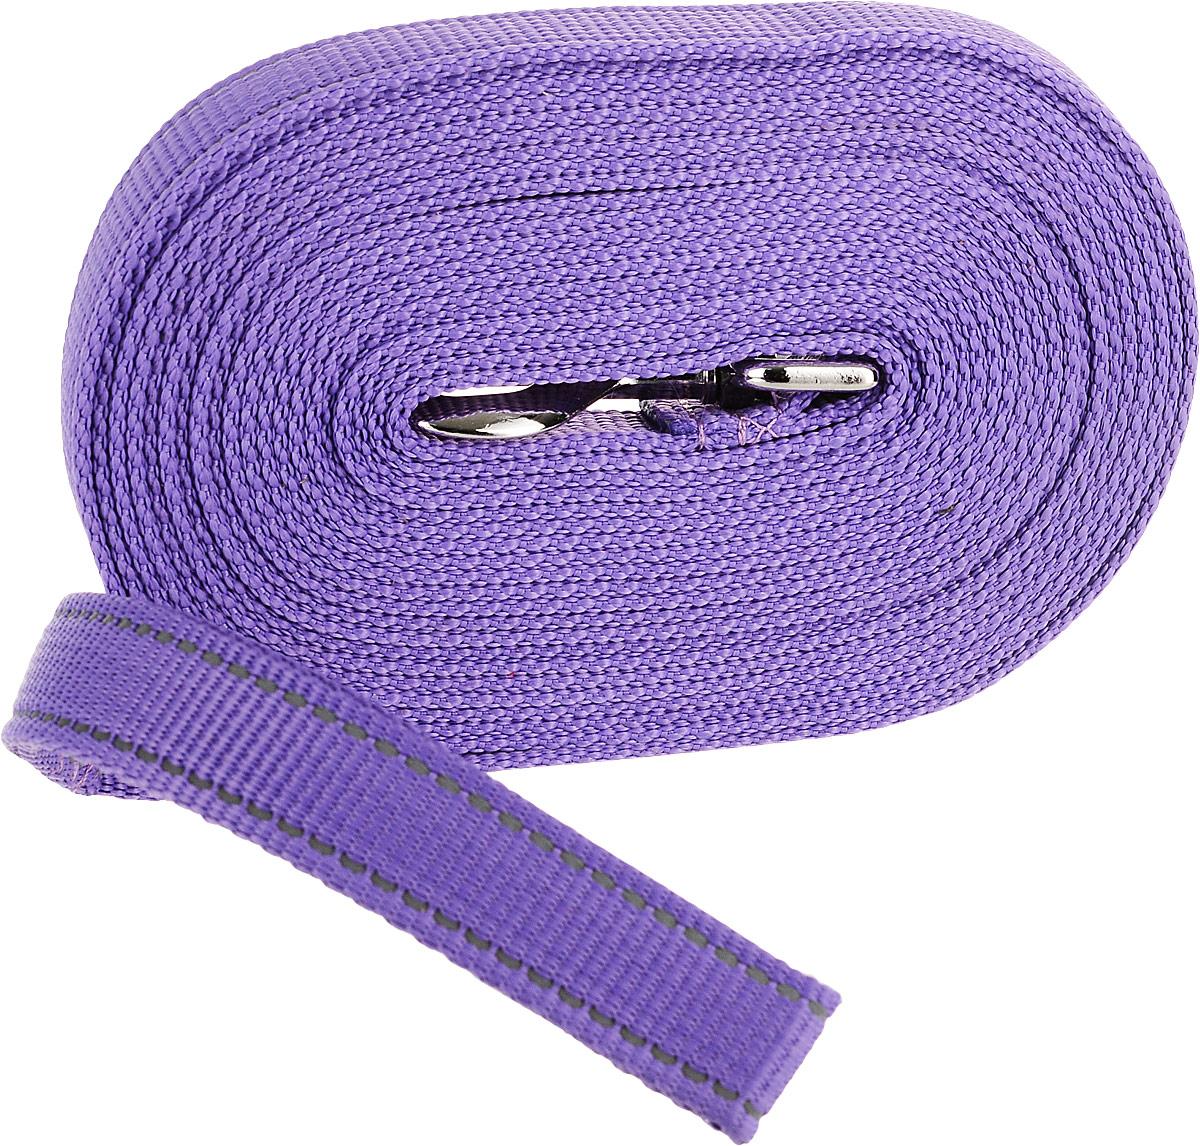 Поводок капроновый для собак Аркон, цвет: фиолетовый, ширина 2,5 см, длина 7 м актимель продукт кисломолочный 2 6